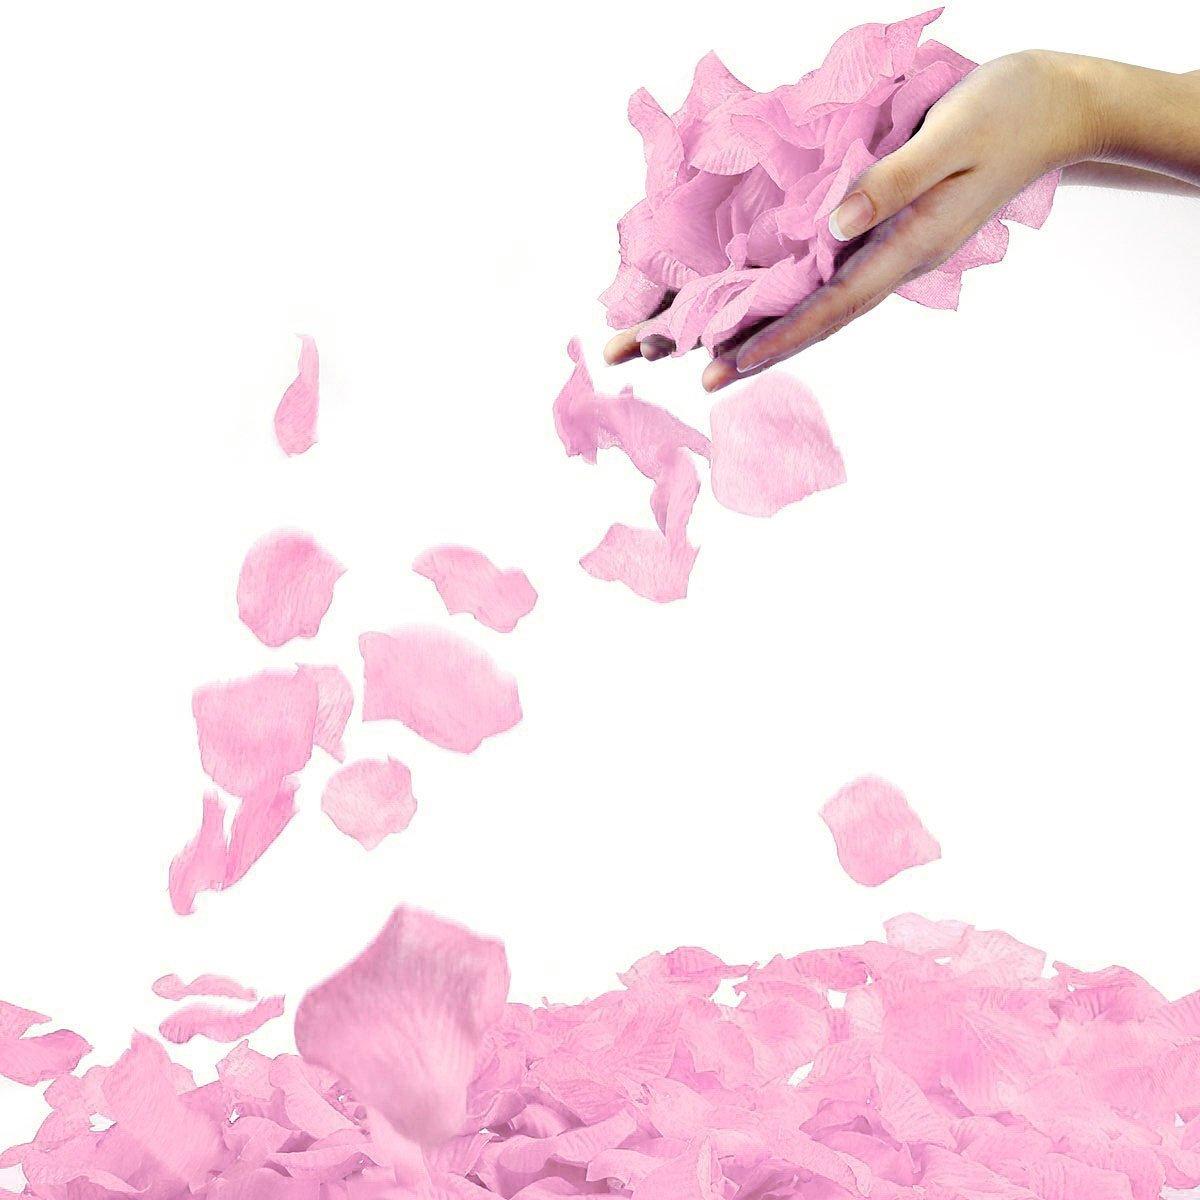 シンプルさ1000個不織布ローズ花びら結婚式、記念日、パーティーデコレーション B07DD92Y71 ライトピンク